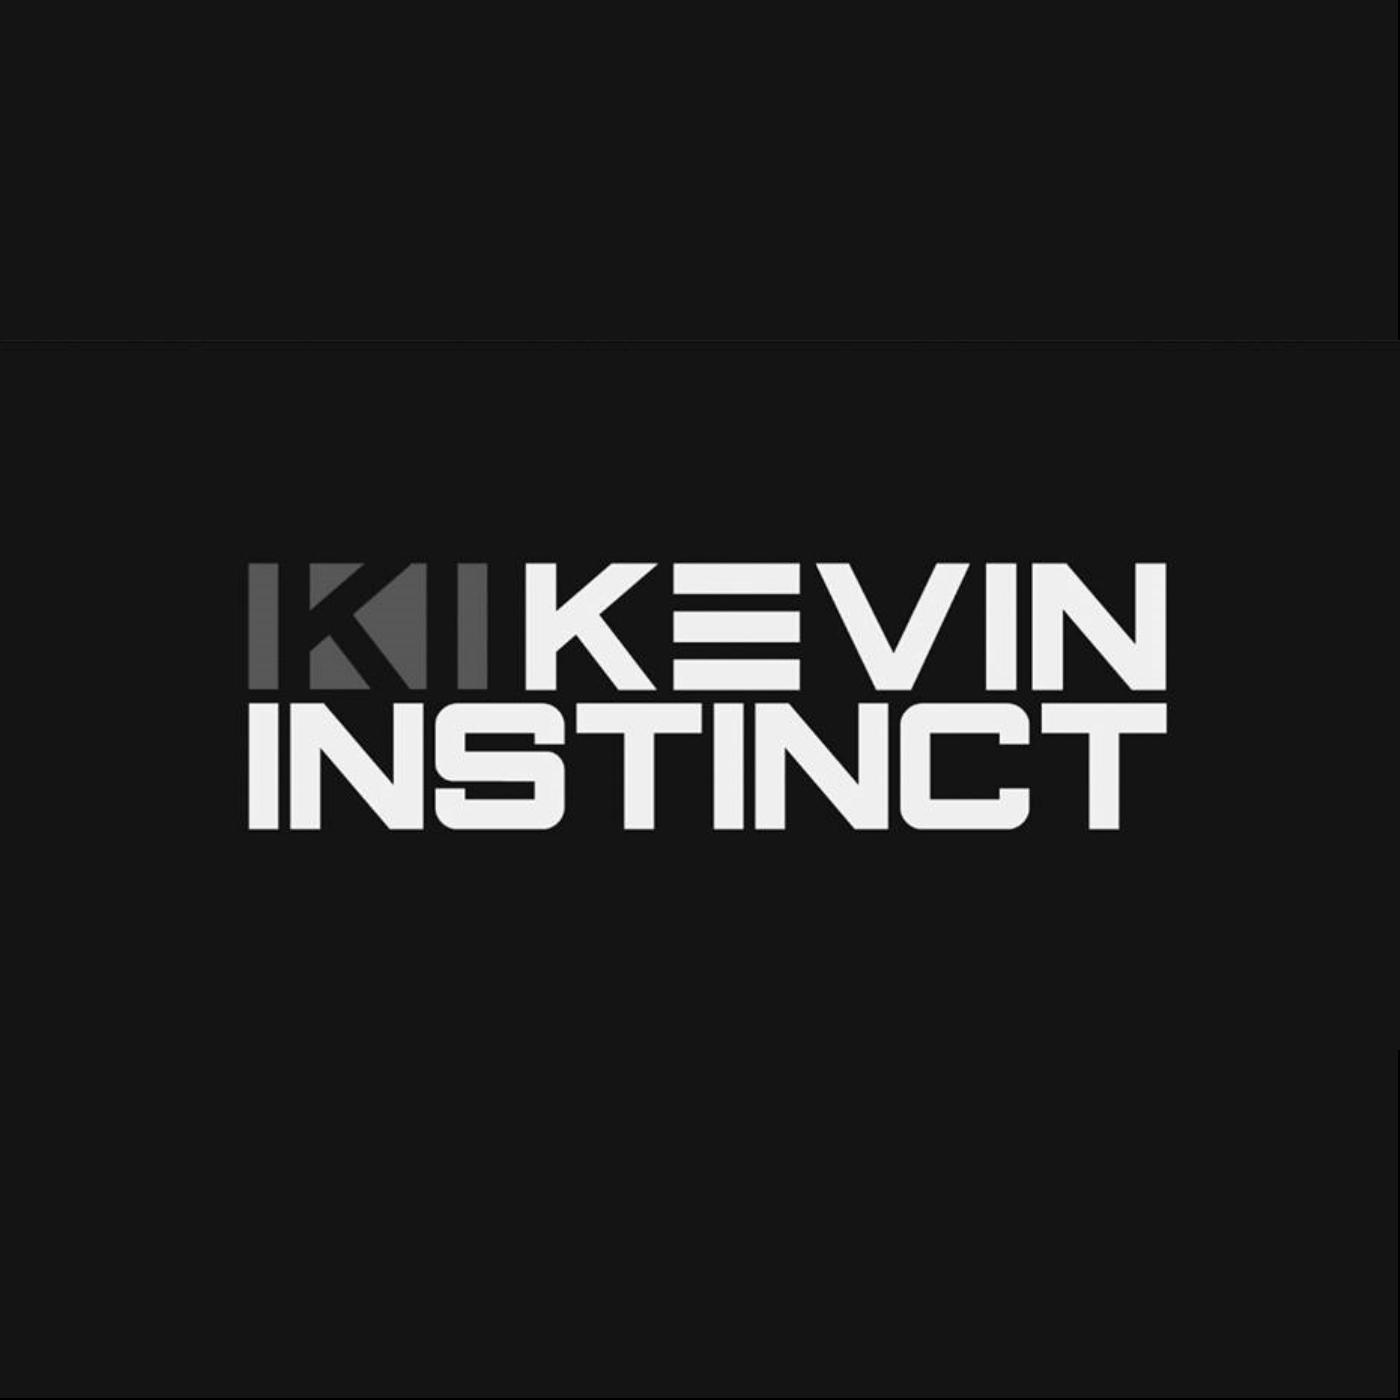 Kevin Instinct Merchandise